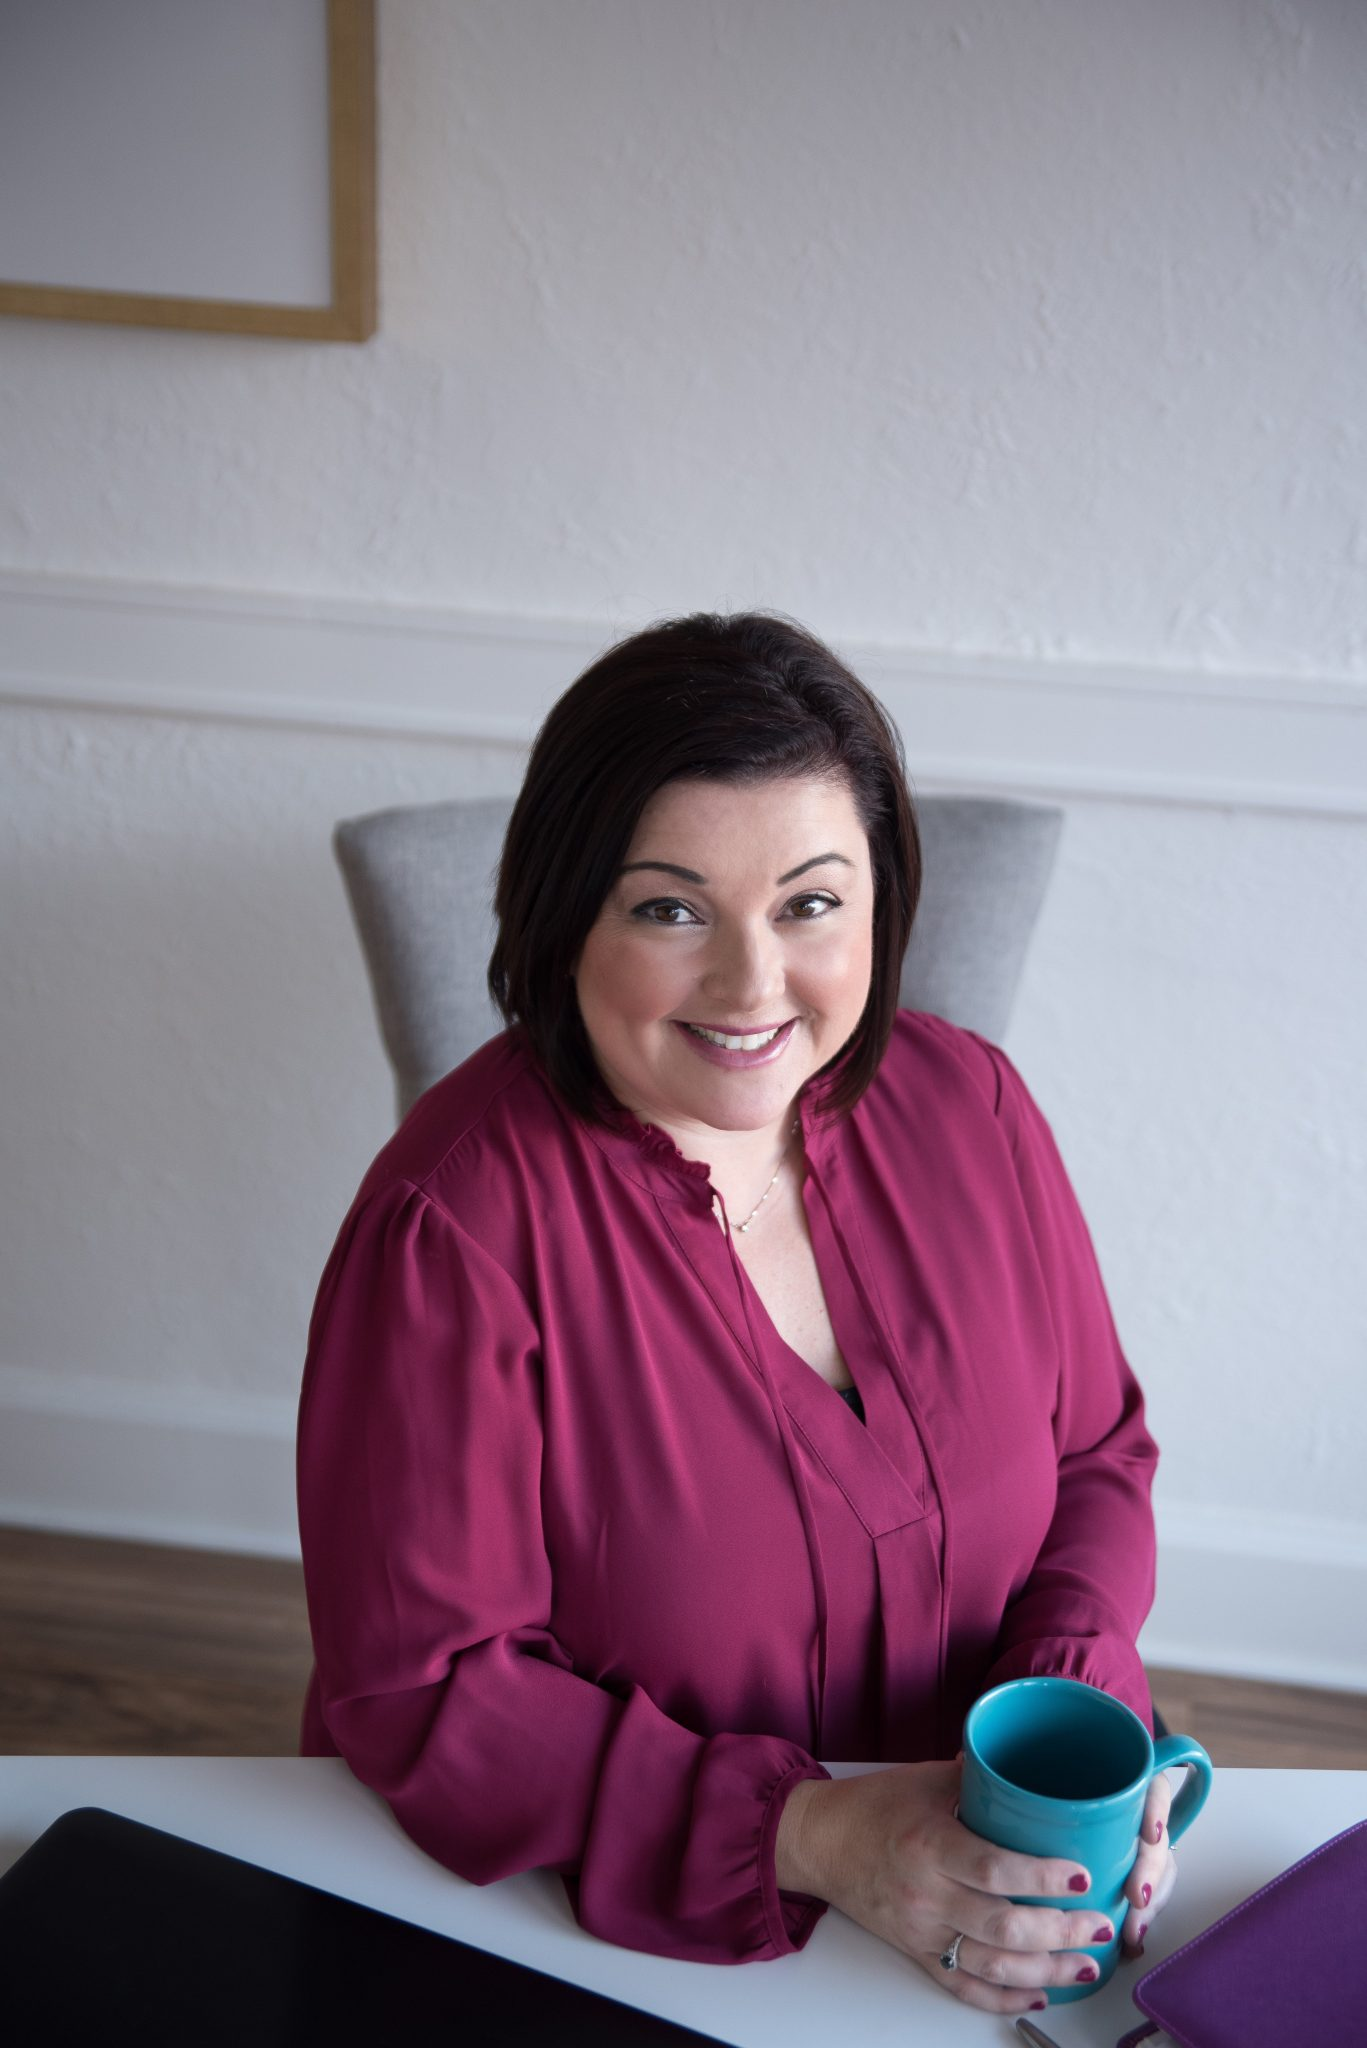 Jennifer Calero